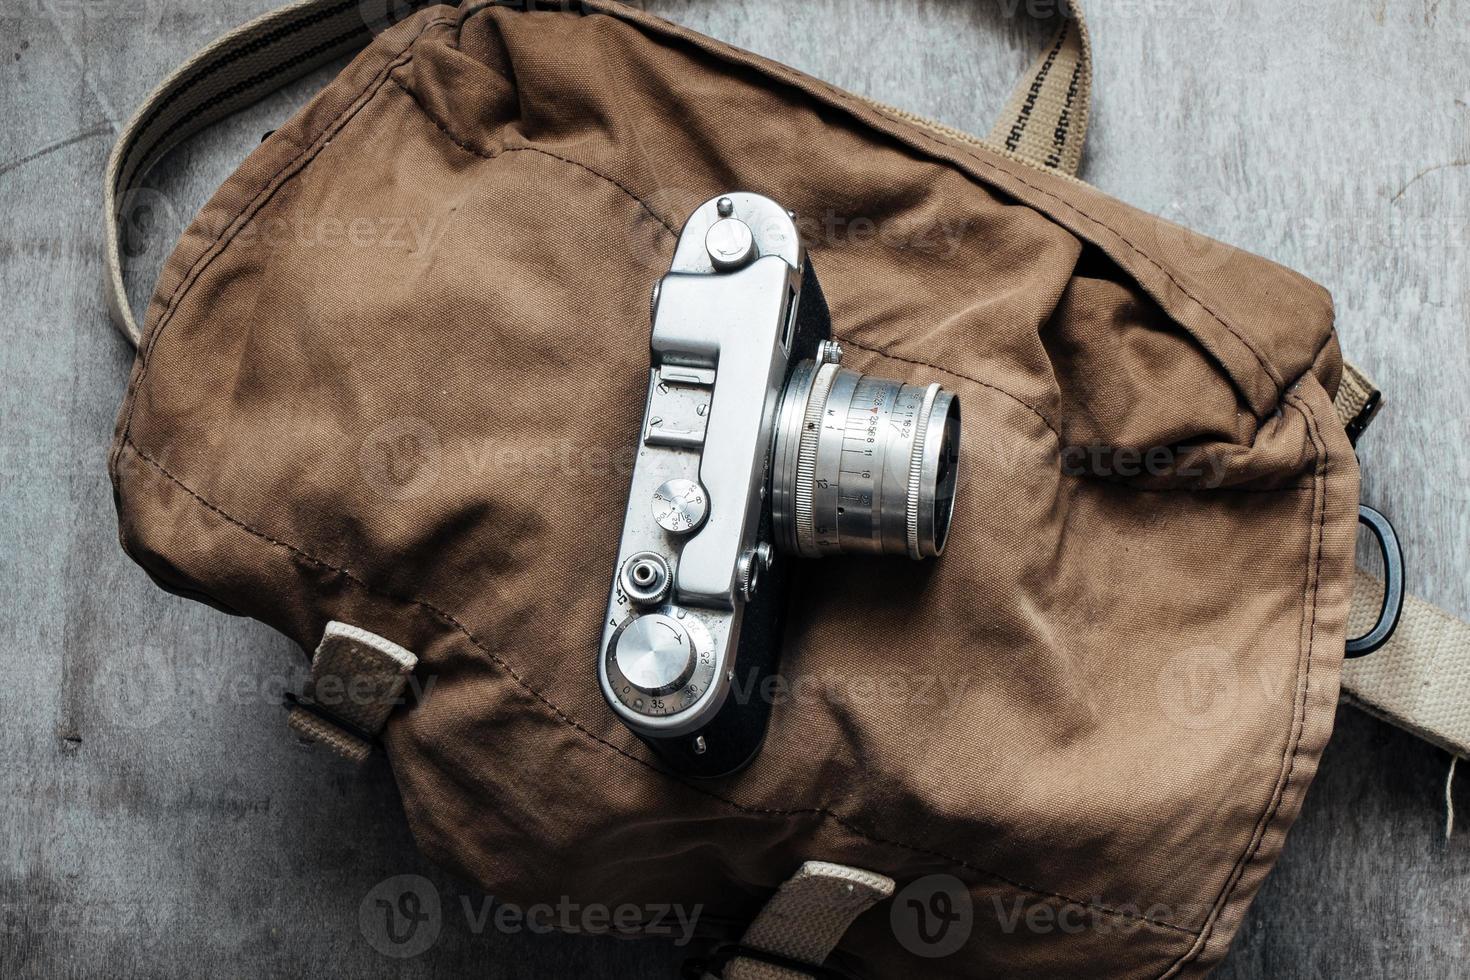 Cámara vieja en la bolsa, componente de diseño de foto vintage grunge